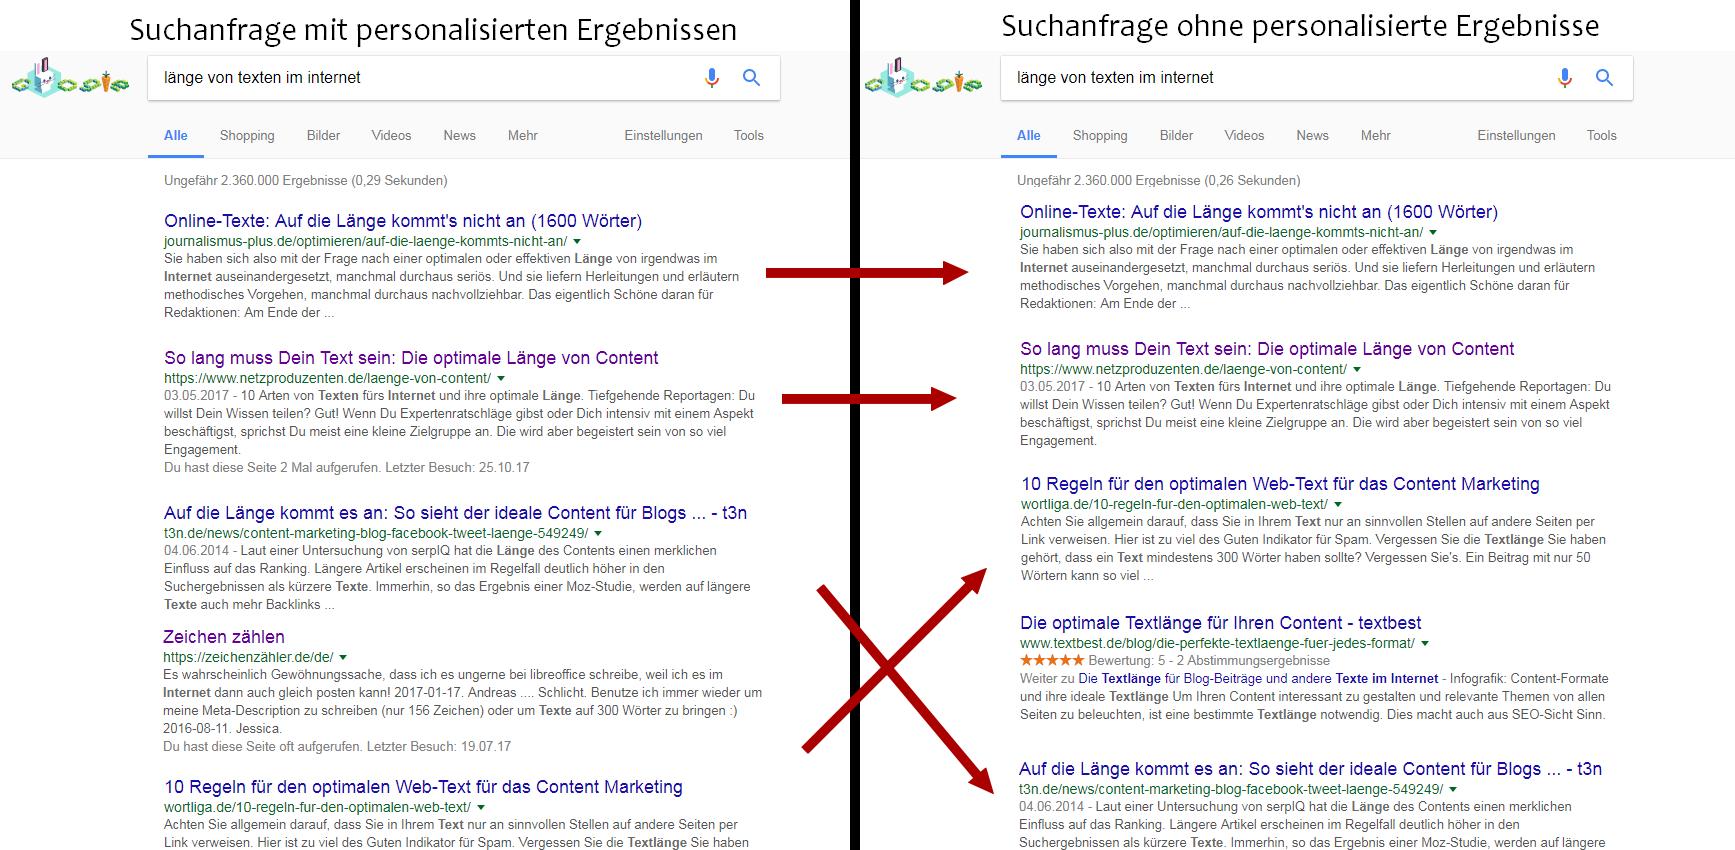 Personalisierte Suchergebnisse: die Ergebnisse sind nicht weltbewegend, aber durchaus vorhanden.